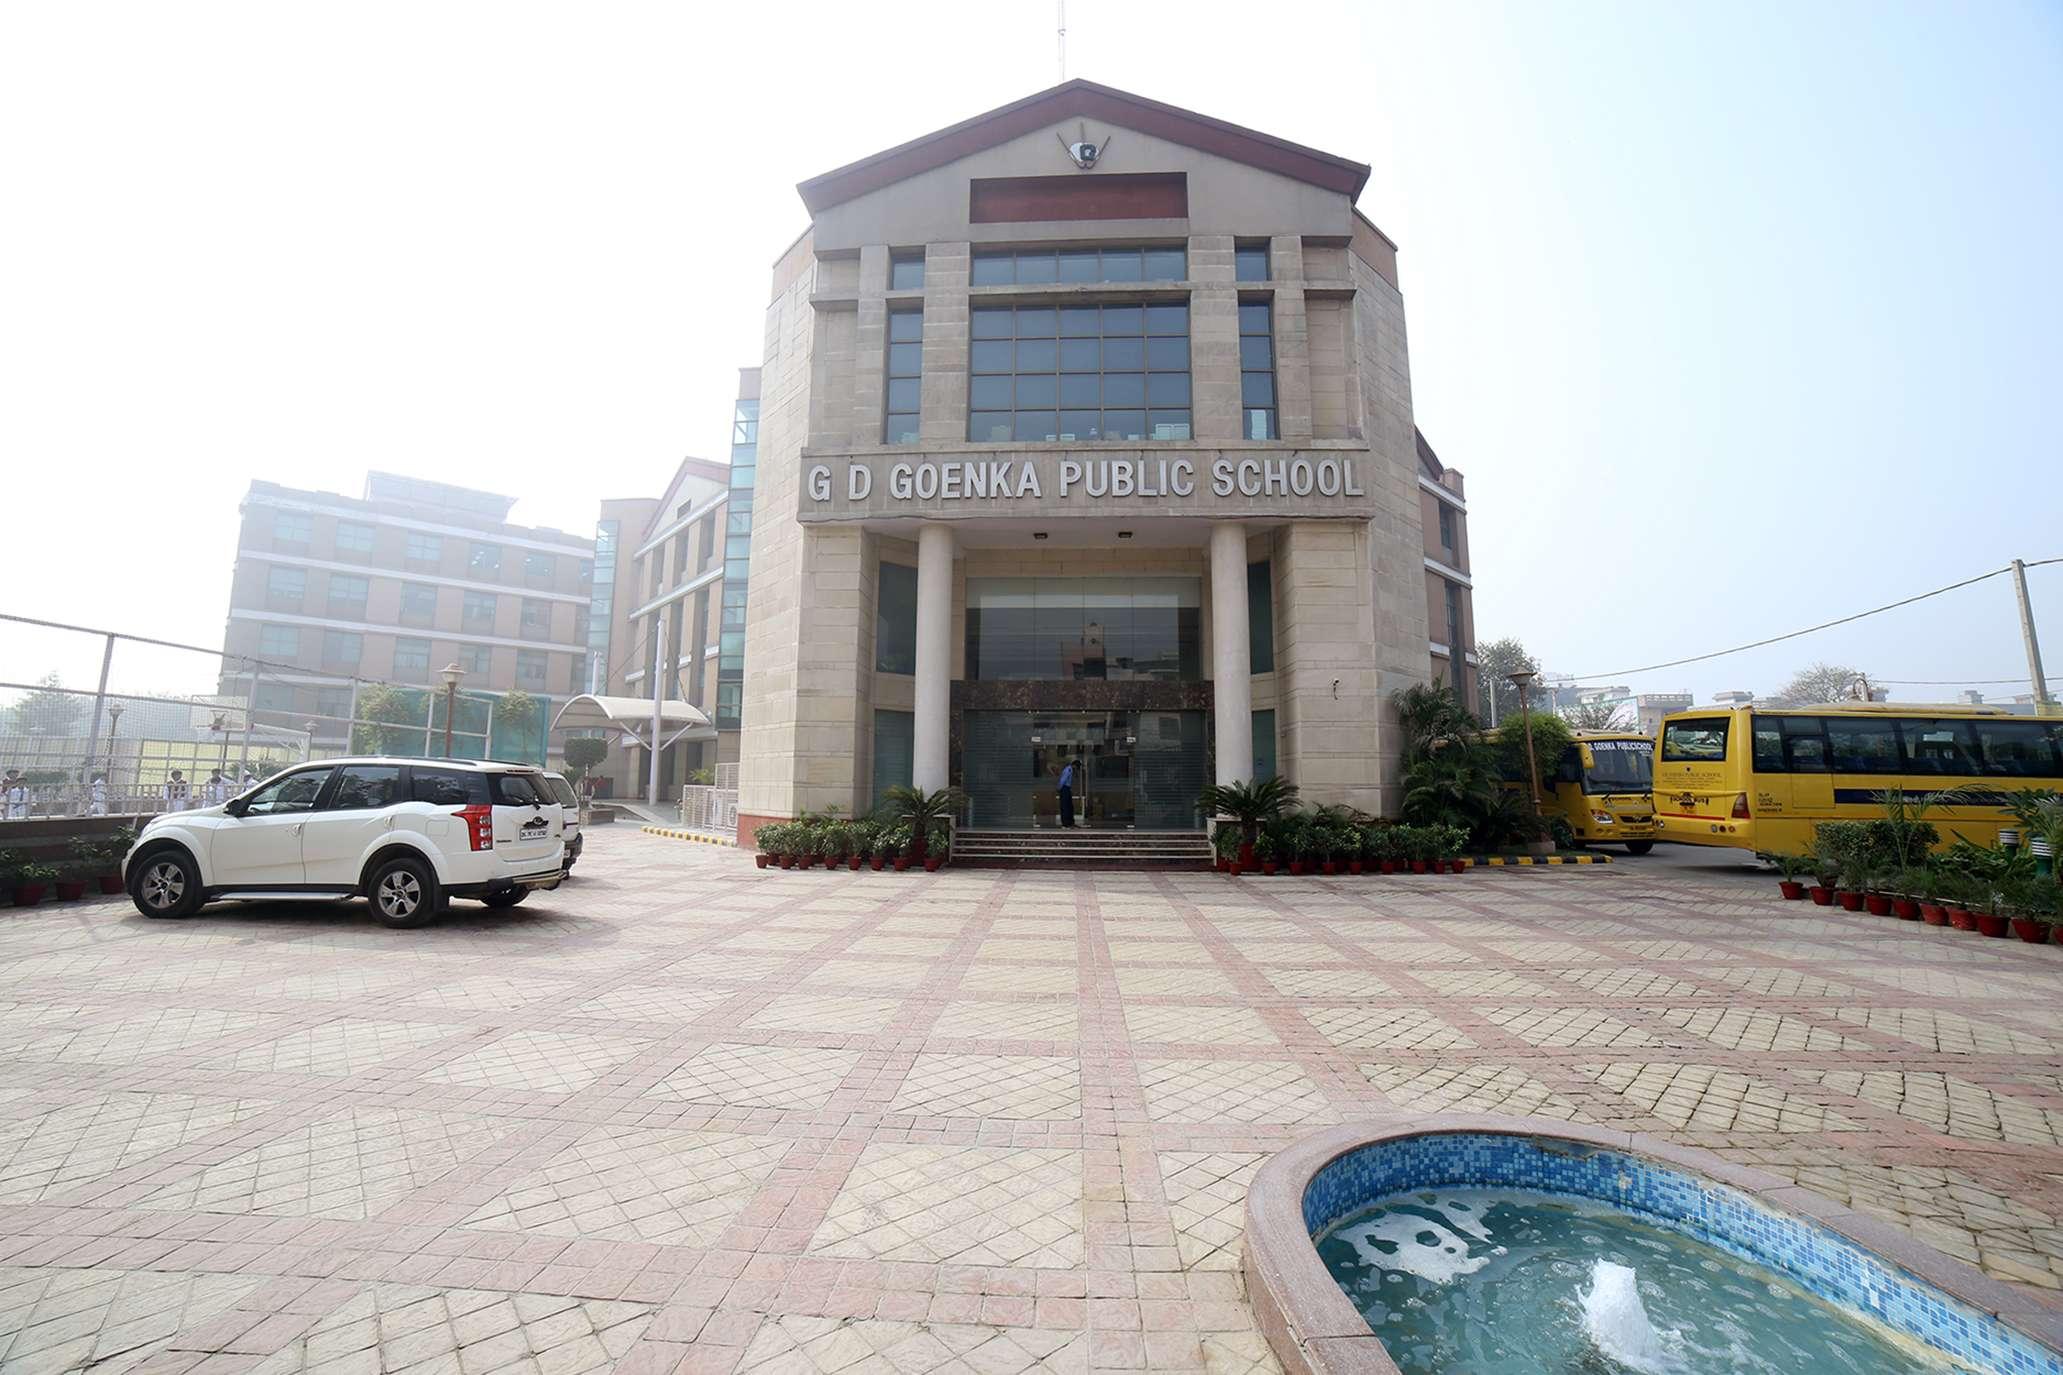 G D Goenka Public School Plot No 3 Pocket 7 Sector 22 Rohini Delhi 2730580